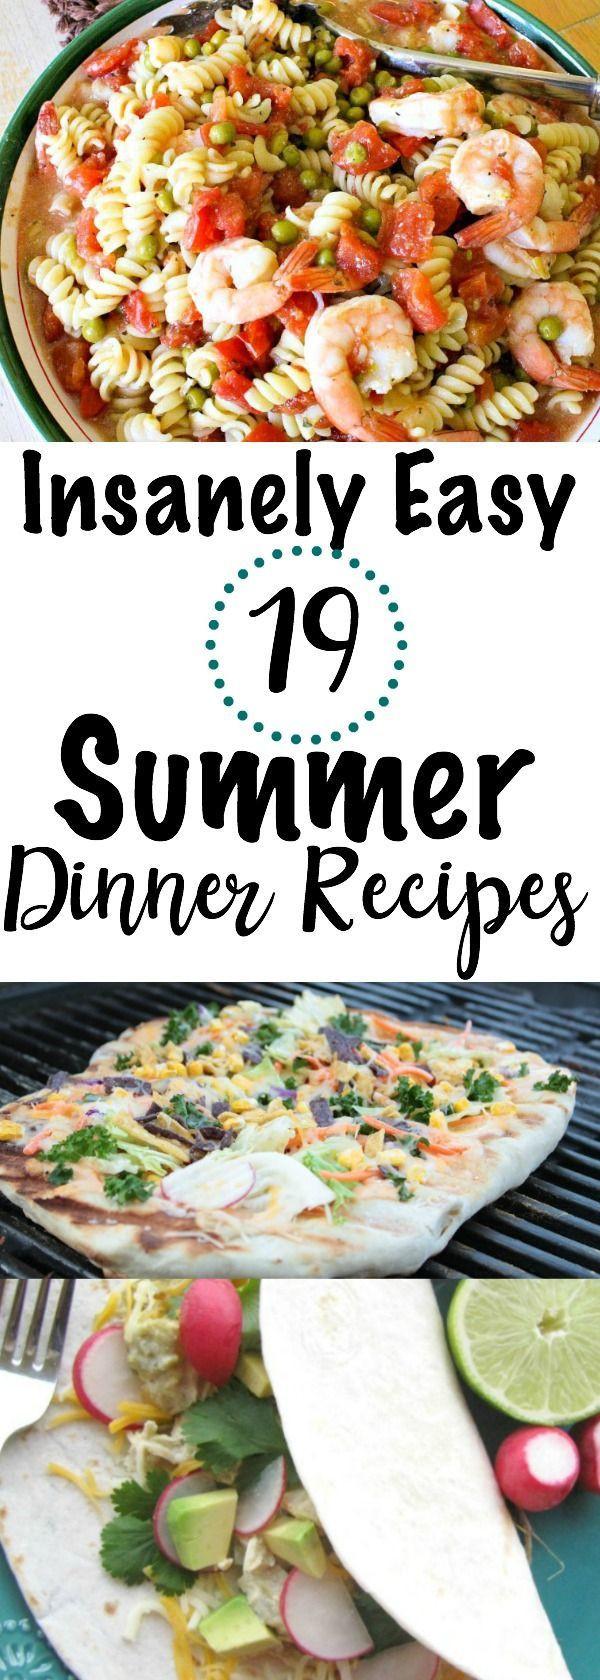 Summer Easy Dinners  19 Insanely Easy Summer Dinner Recipes